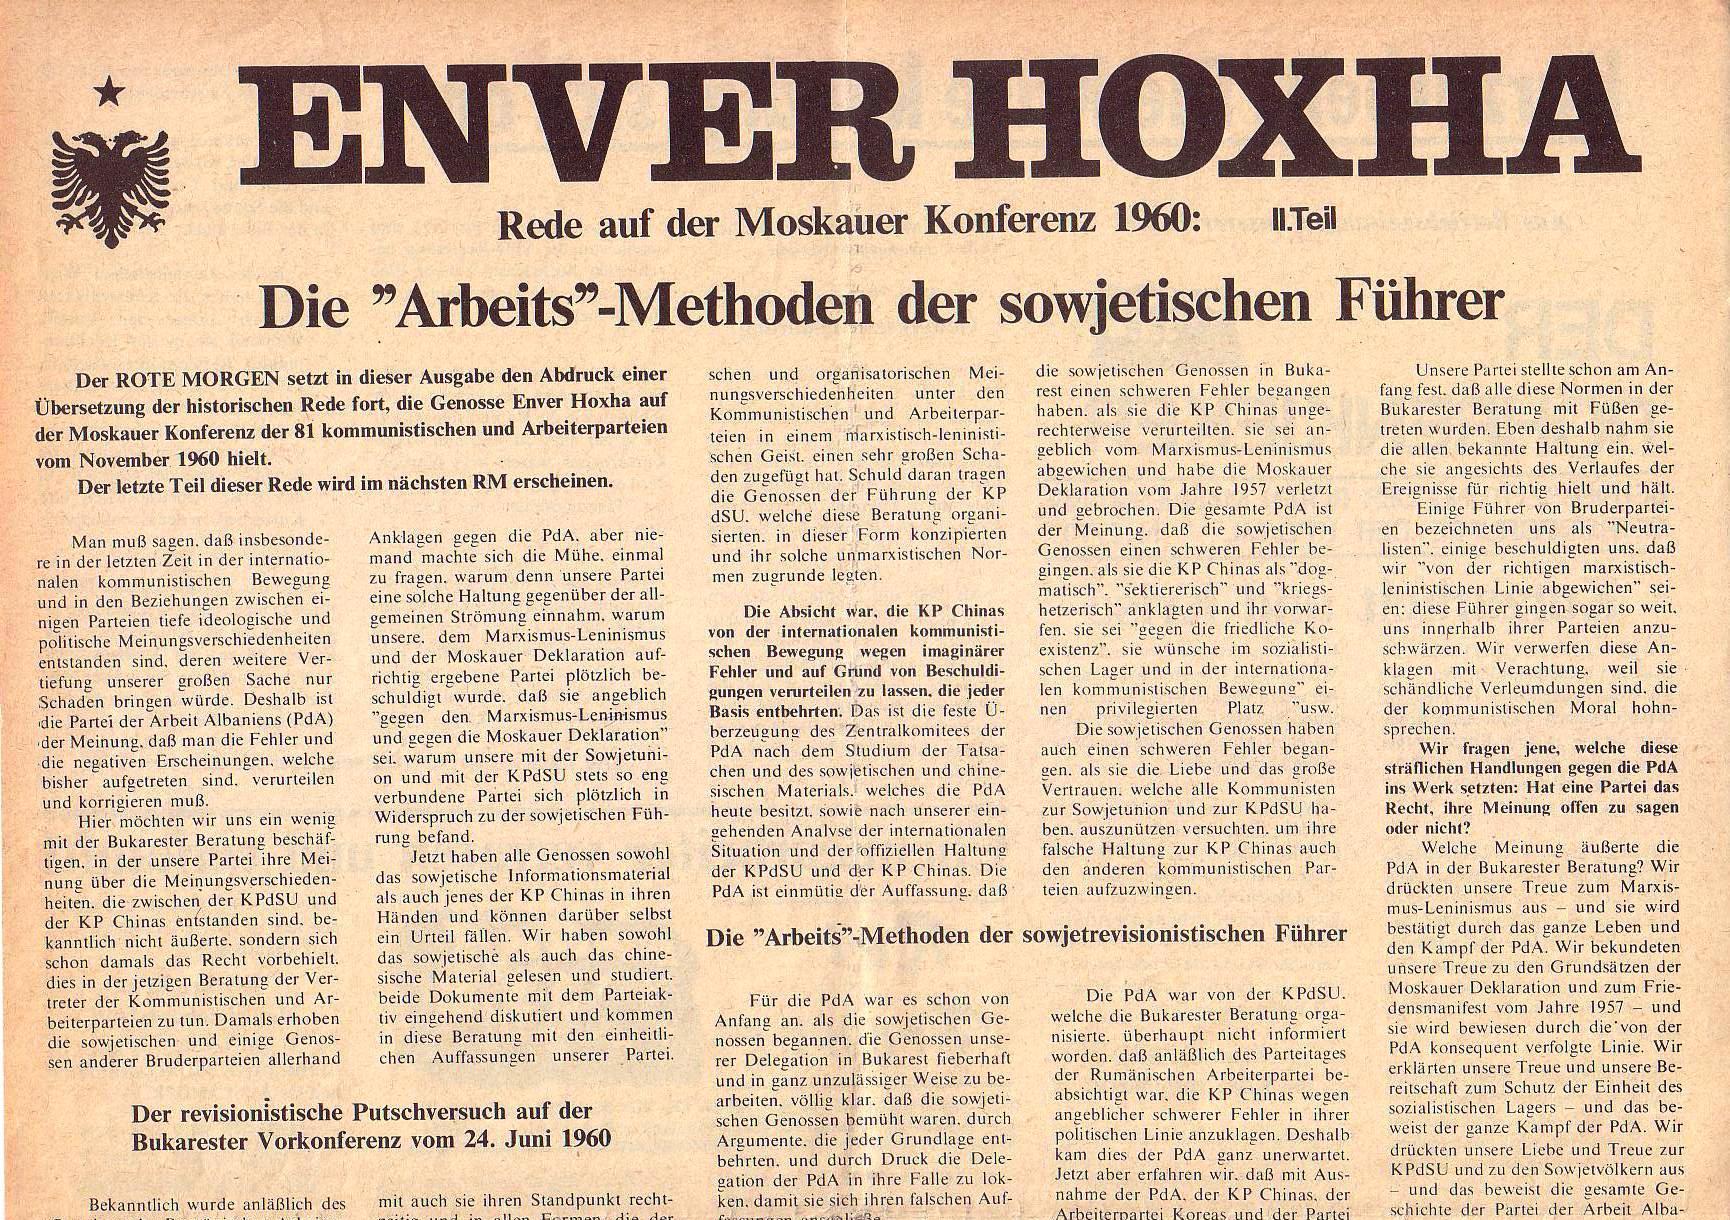 Roter Morgen, 5. Jg., Februar 1971, Nr. 2, Seite 4a